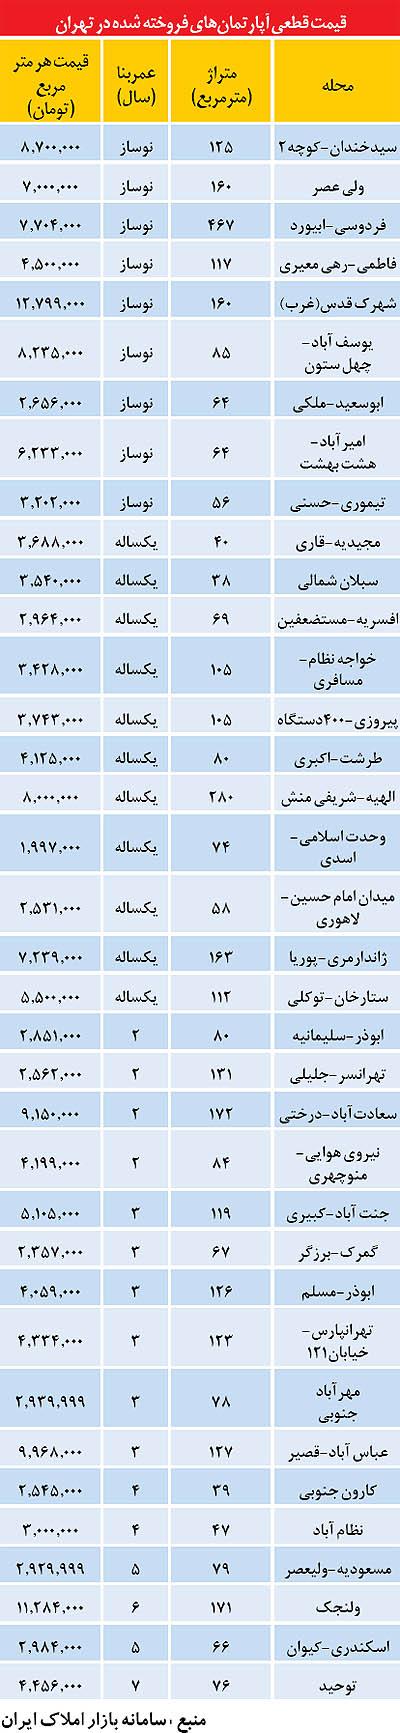 گرانترین و ارزانترین آپارتمان فروخته شده در تهران